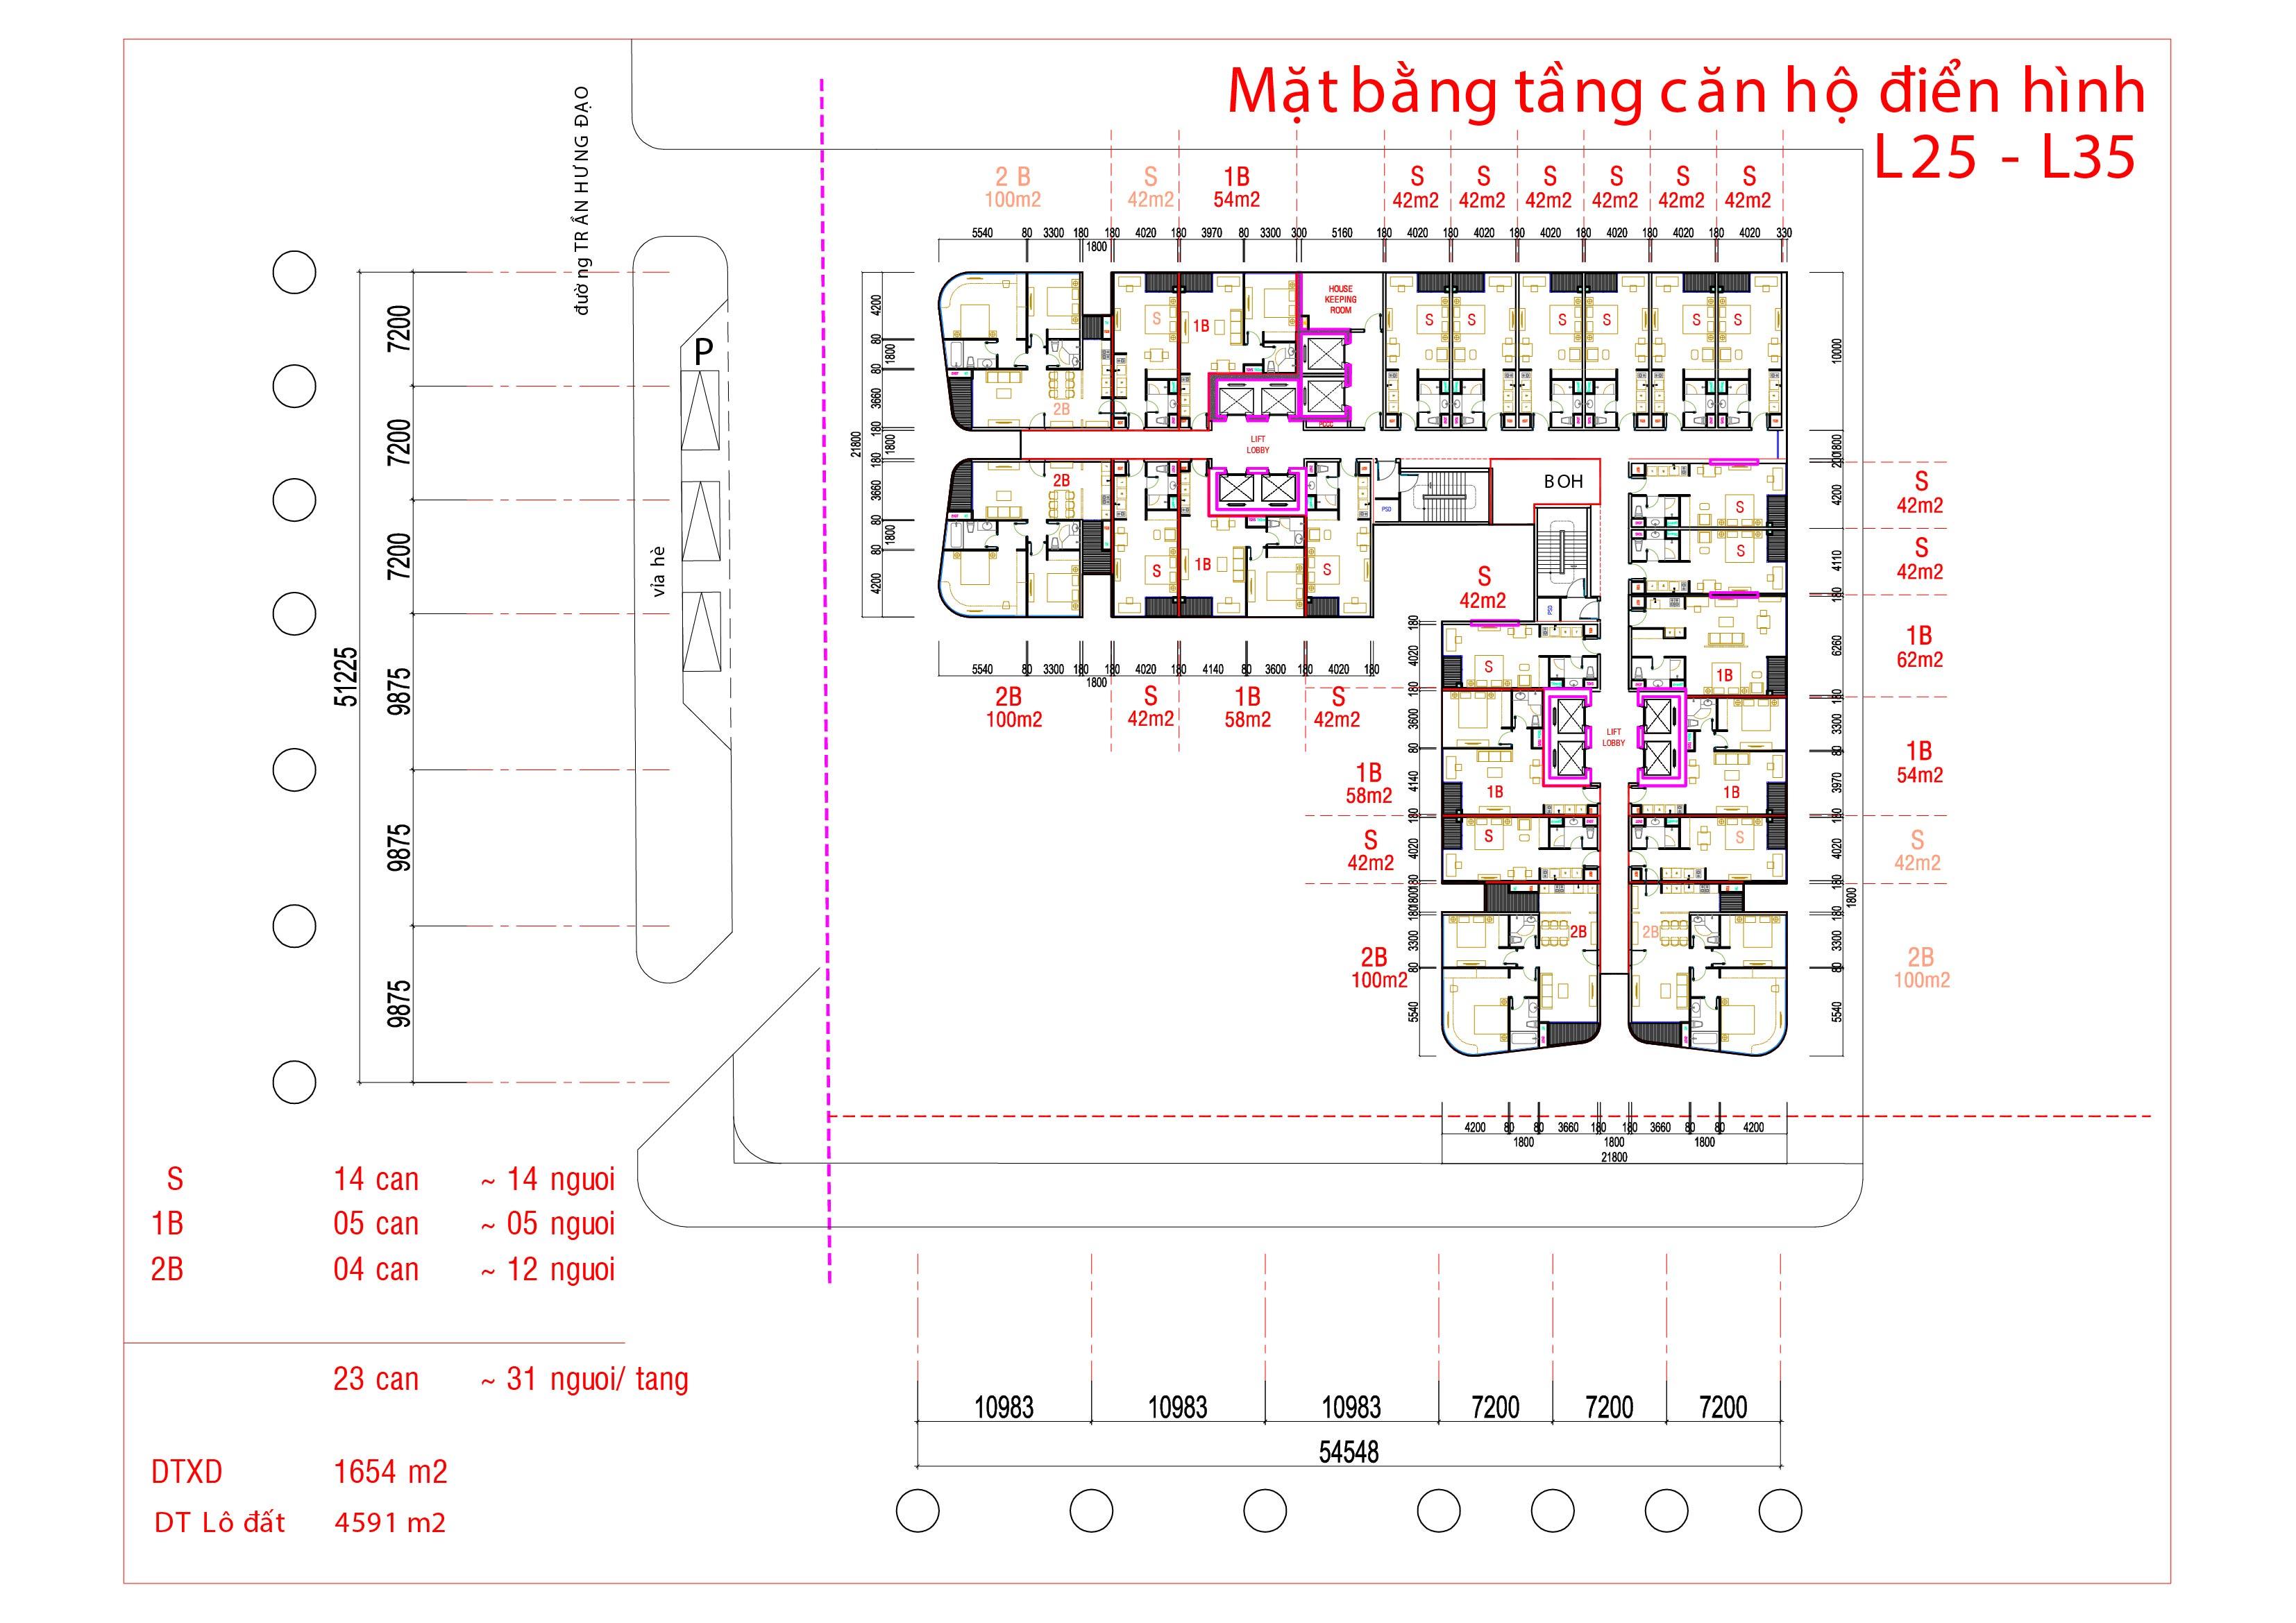 mat bang tang can ho dien hinh L25 - L35 tai vinpearl condotel da nang